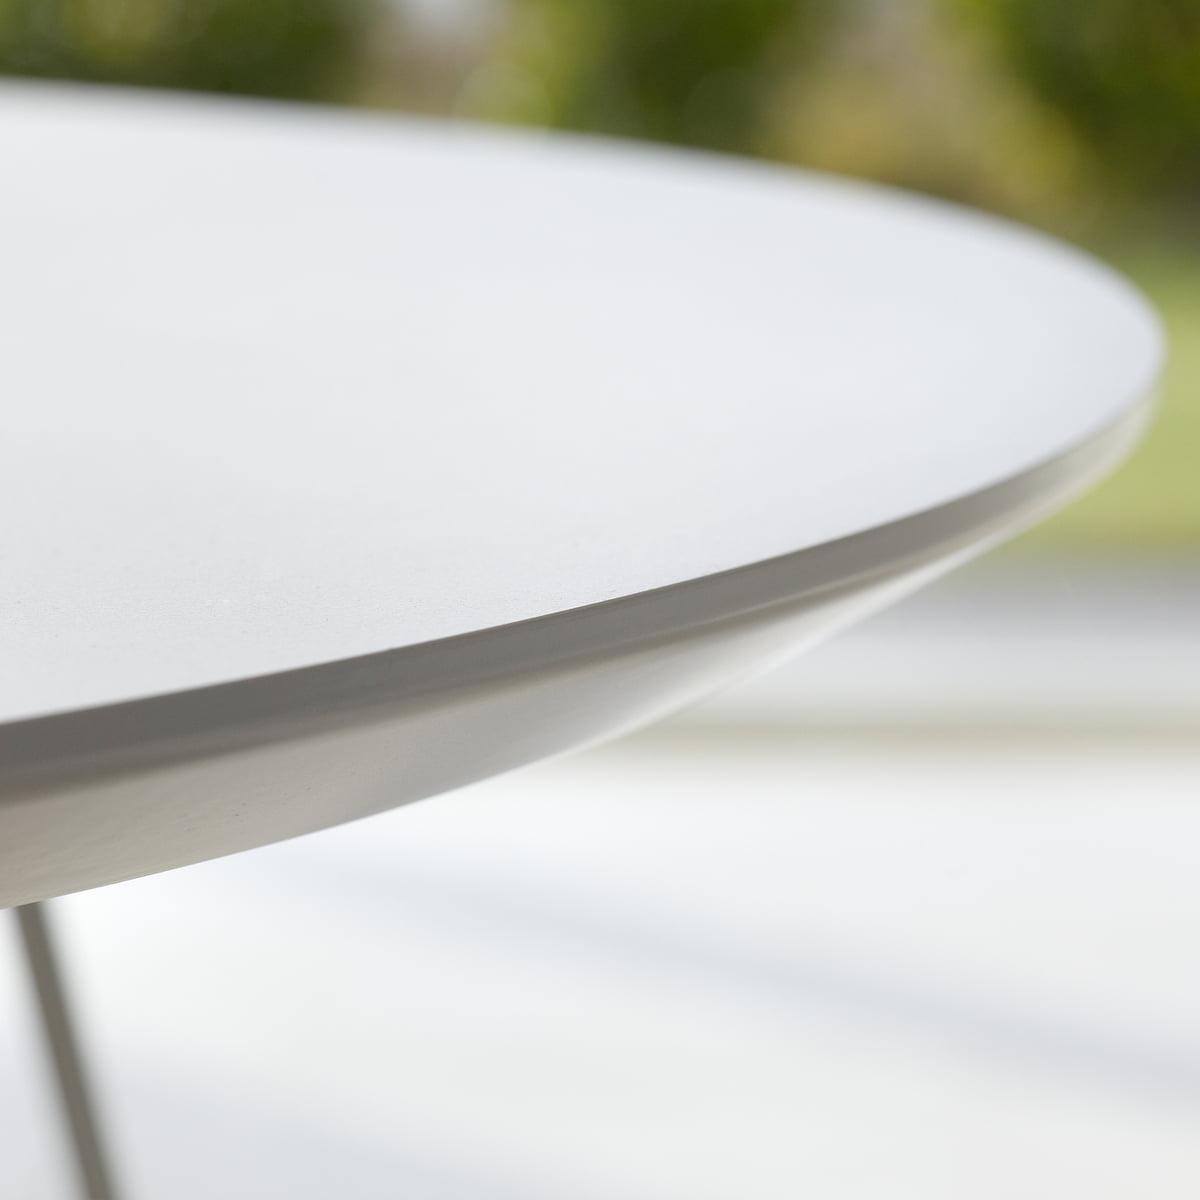 dk10 dining table wood. Black Bedroom Furniture Sets. Home Design Ideas